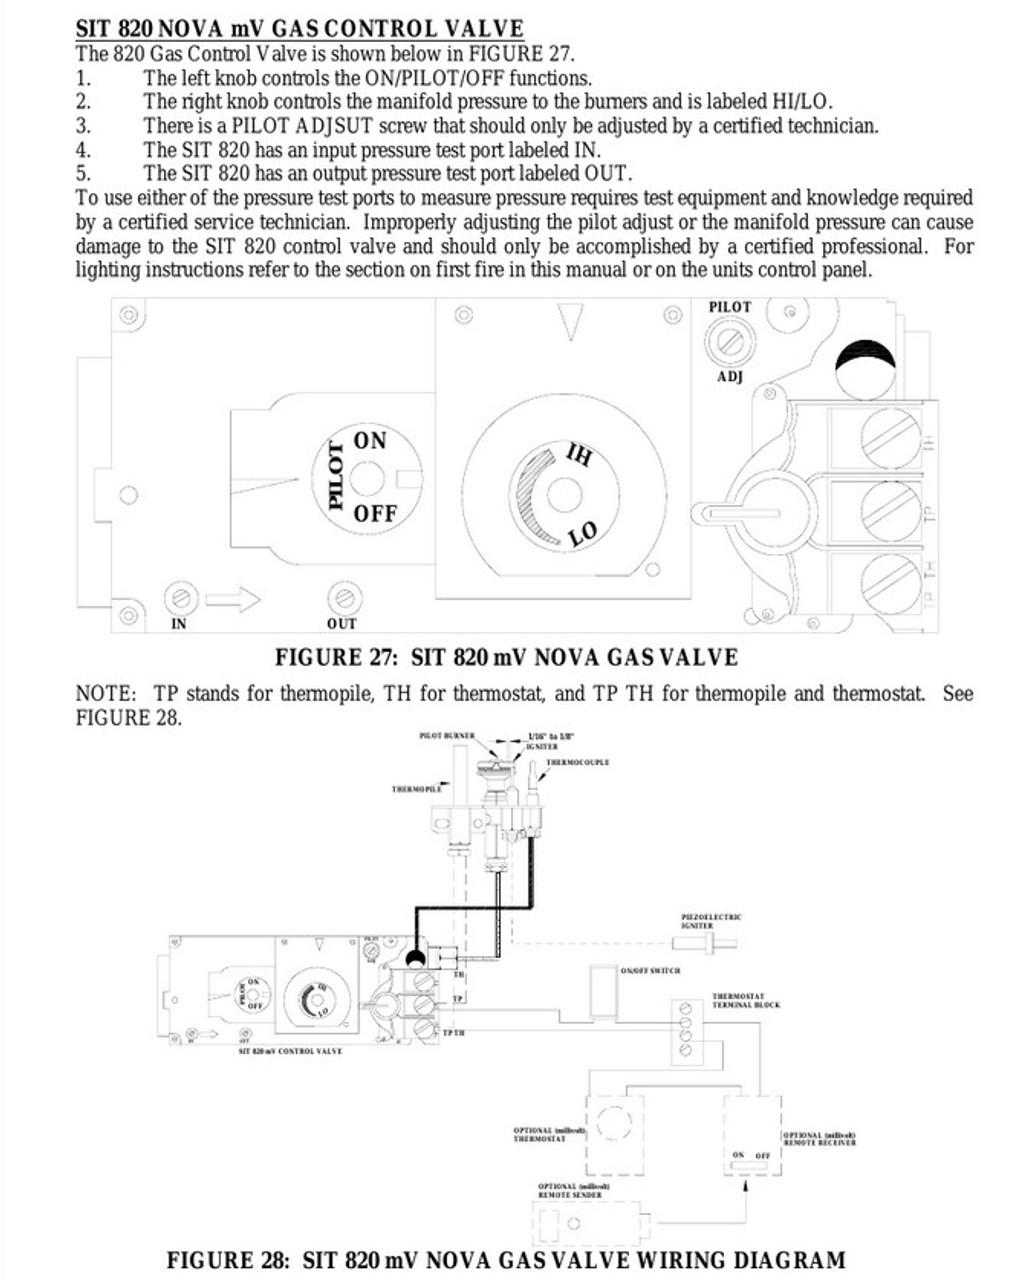 Sit 820 NG Gas Valve w/50% Turndown